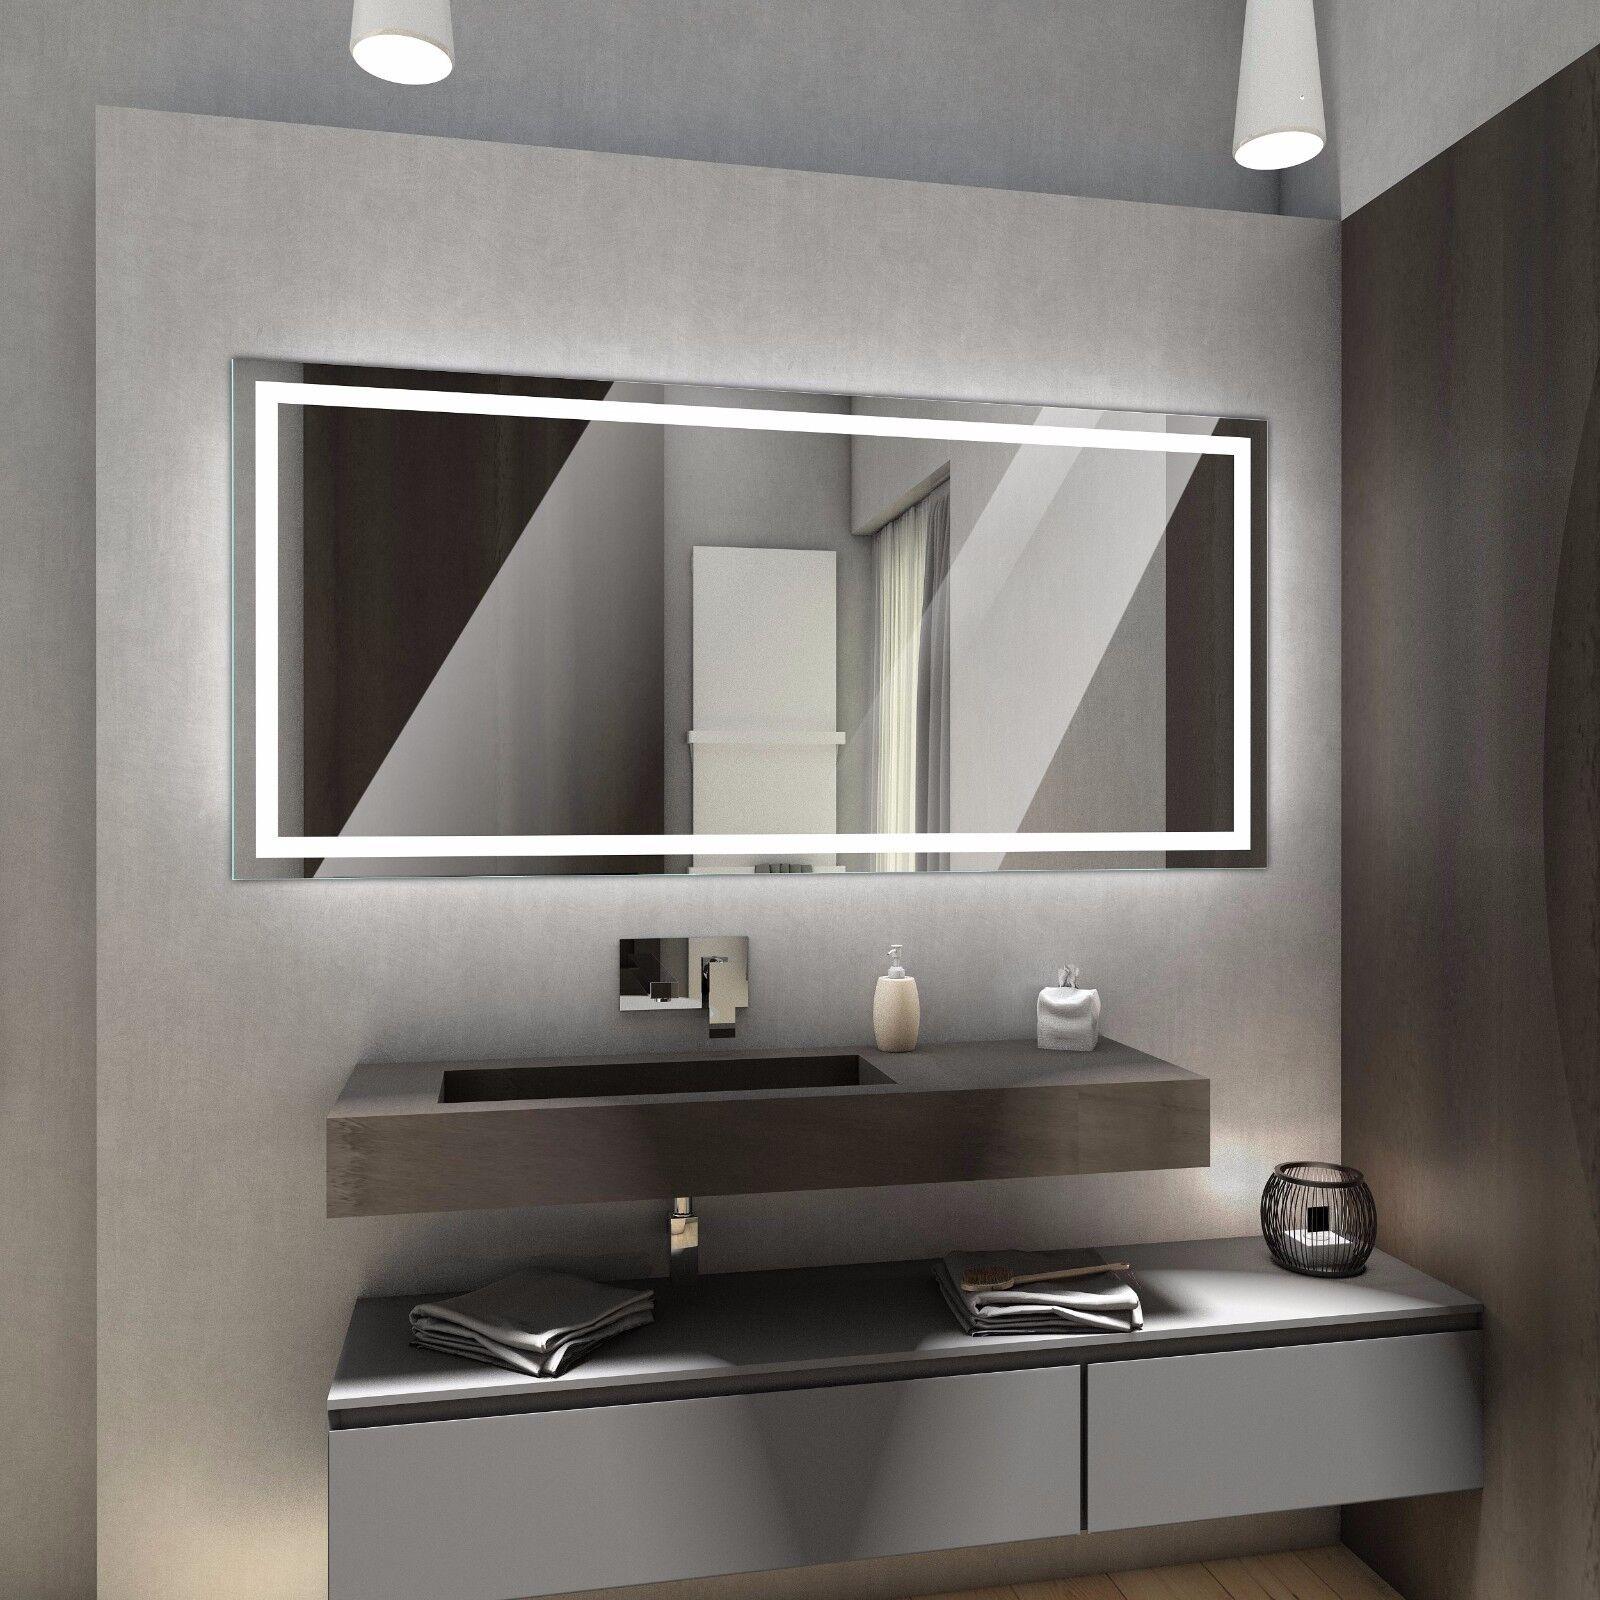 ATLANTA BadSpiegel mit LED Beleuchtung Wandspiegel Badezimmer nach Maß+Zubehör